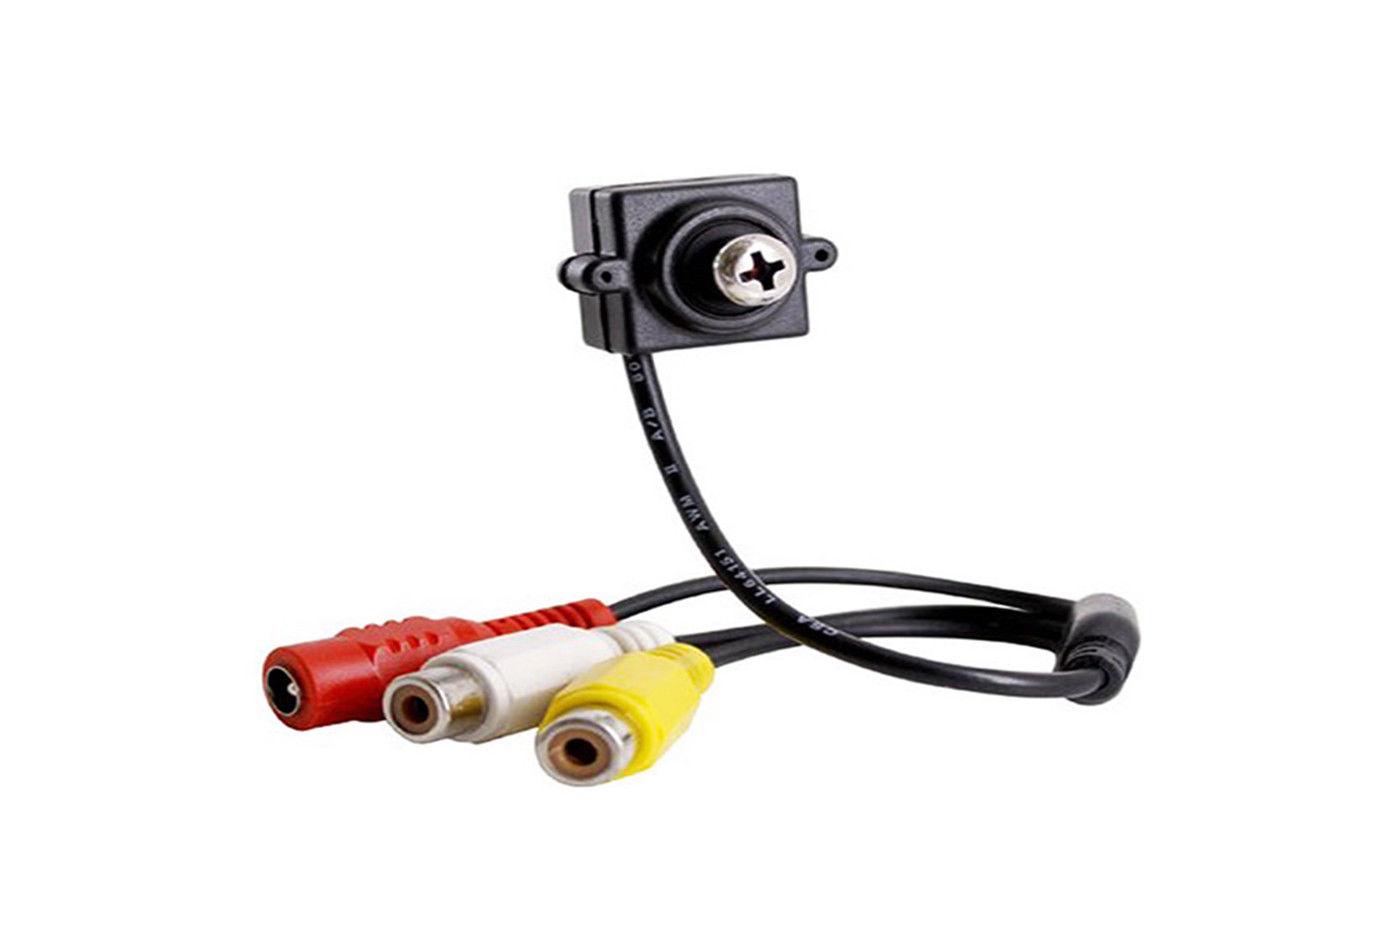 Plafoniere Con Telecamera : Bes nascoste beselettronica telecamera vite micro spia